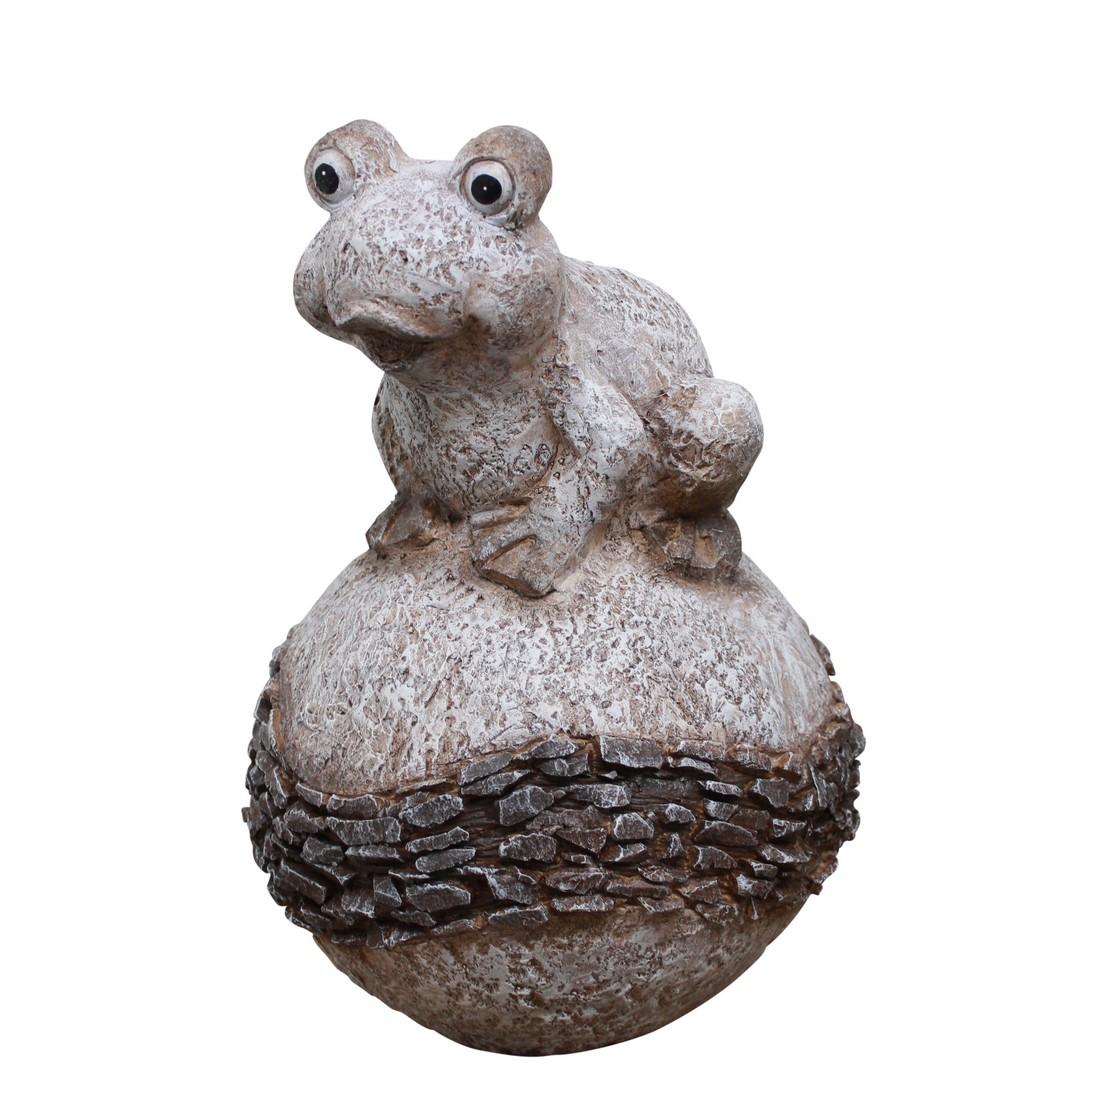 Gartenfigur Frosch – Big Classic – Braun, Helmes Home & Garden günstig online kaufen